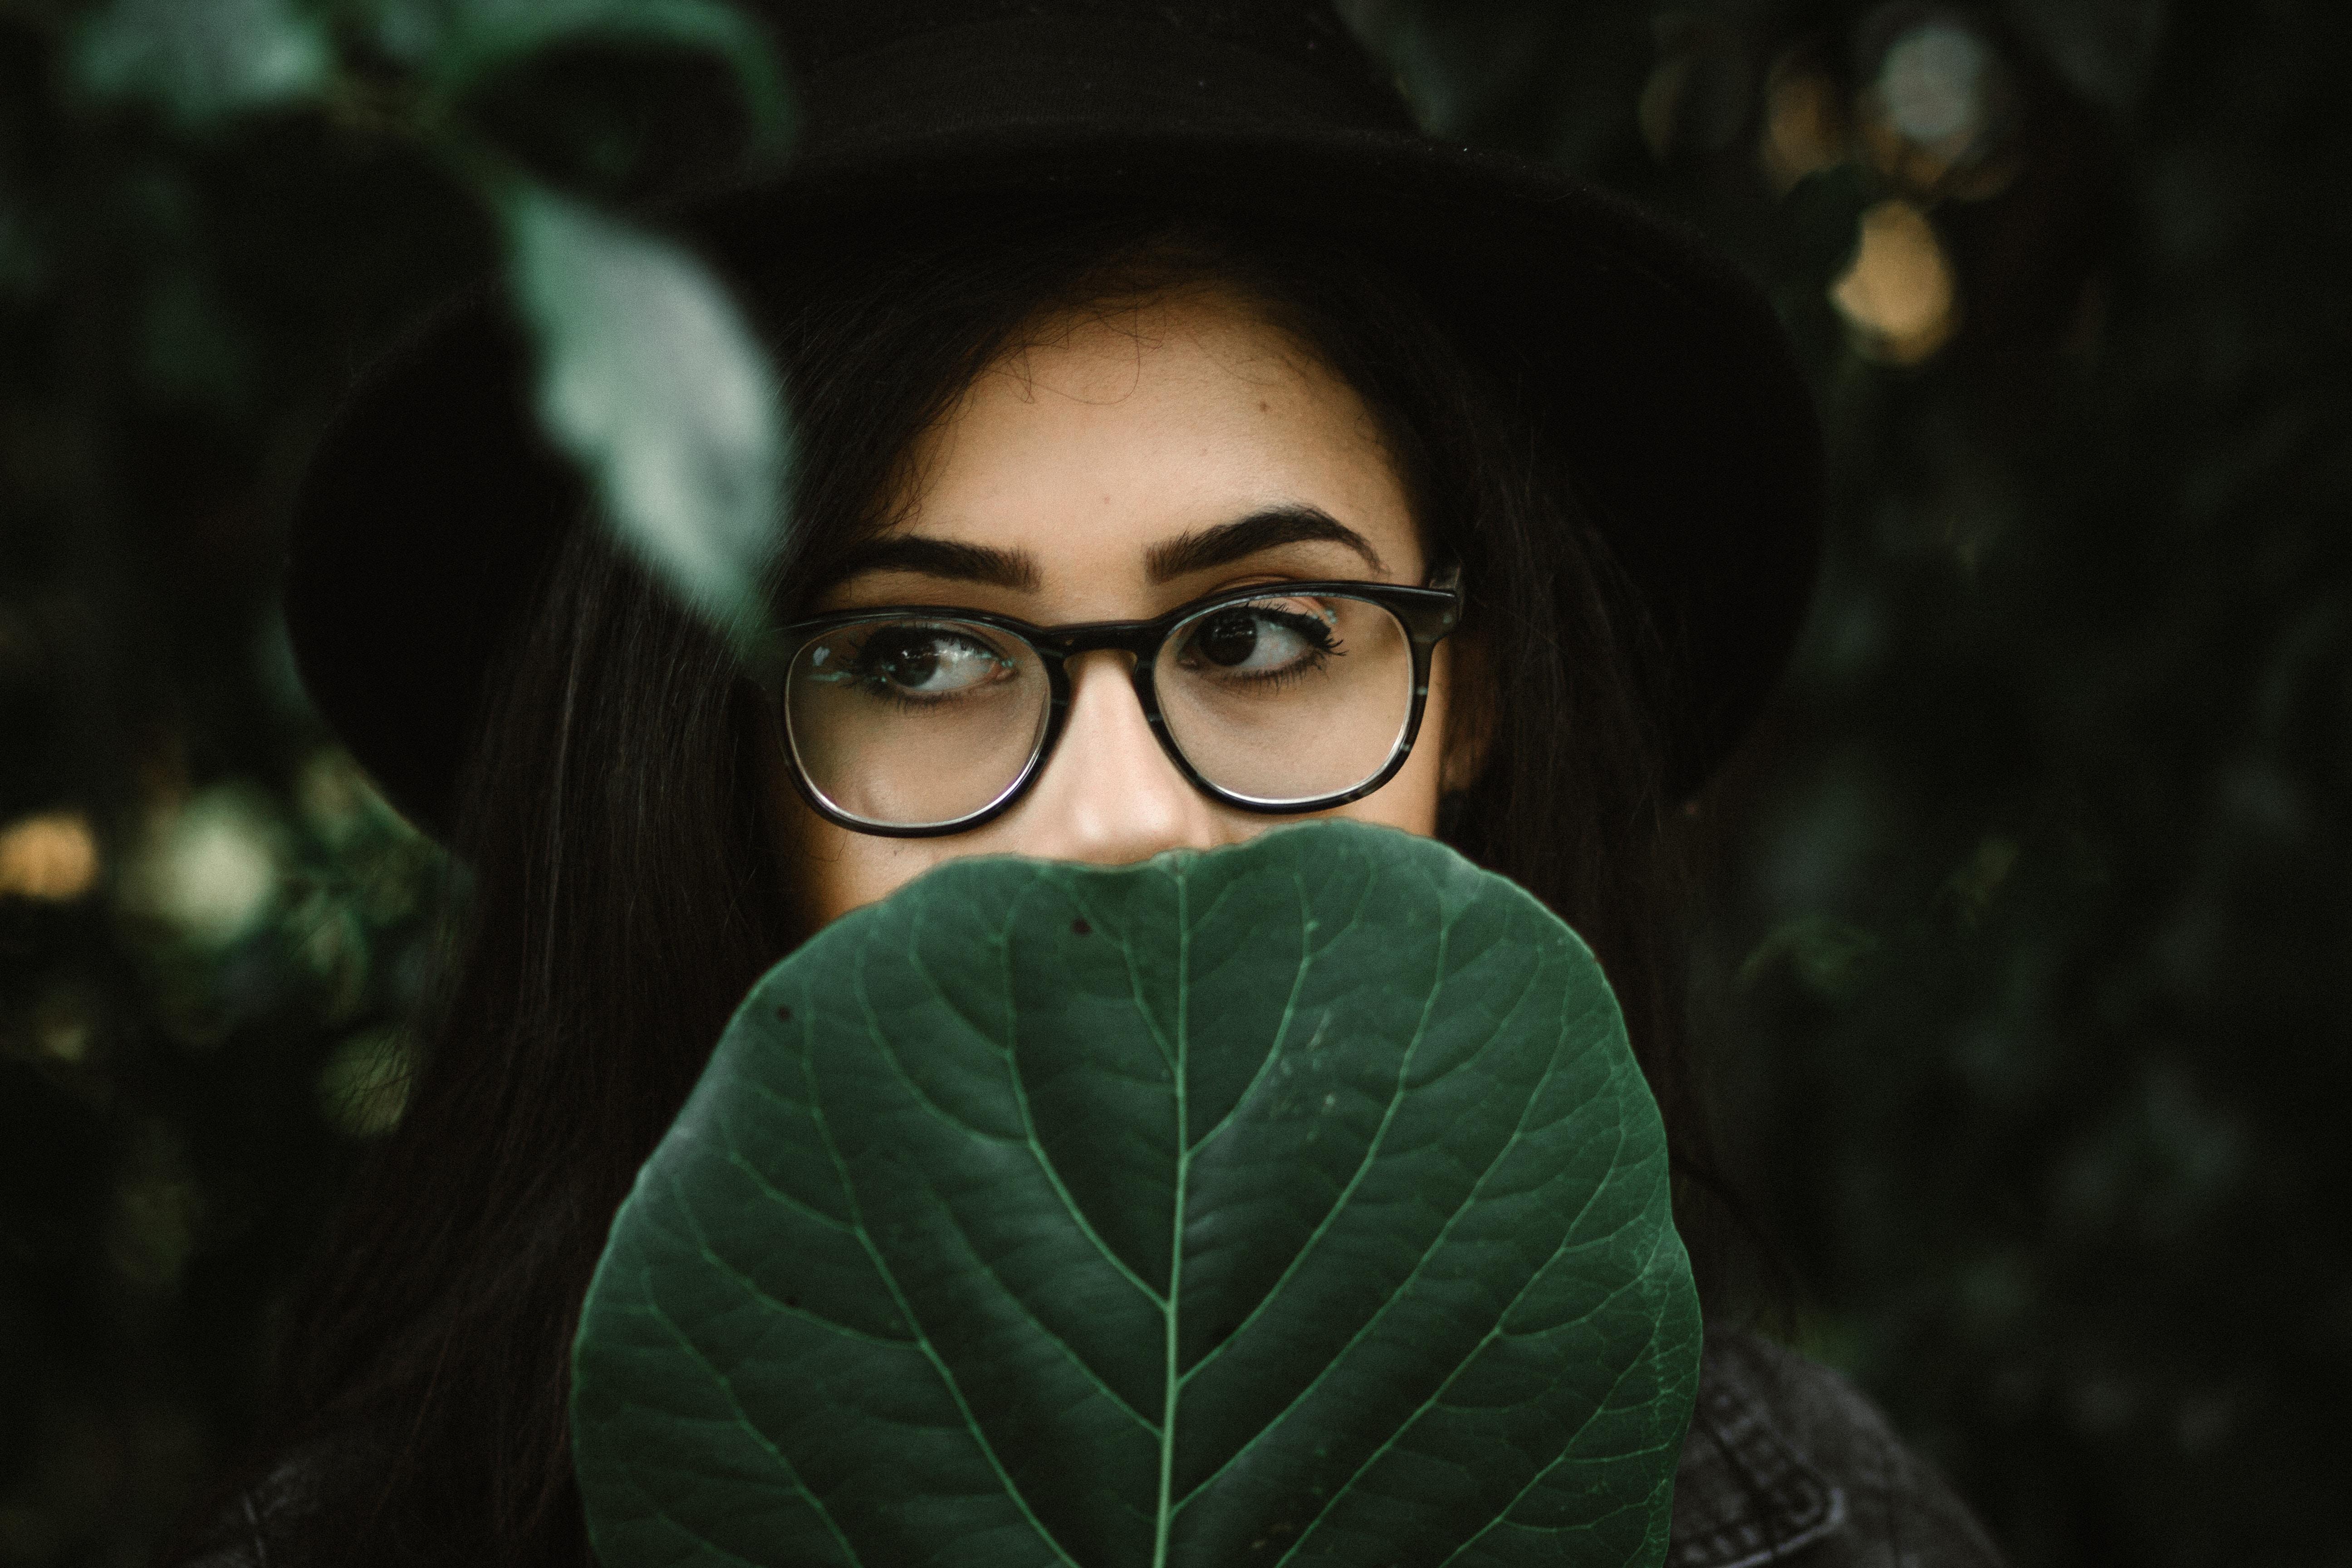 兩大原因離不開恐怖情人?心理師教你如何斷開這段關係-失落戀花園